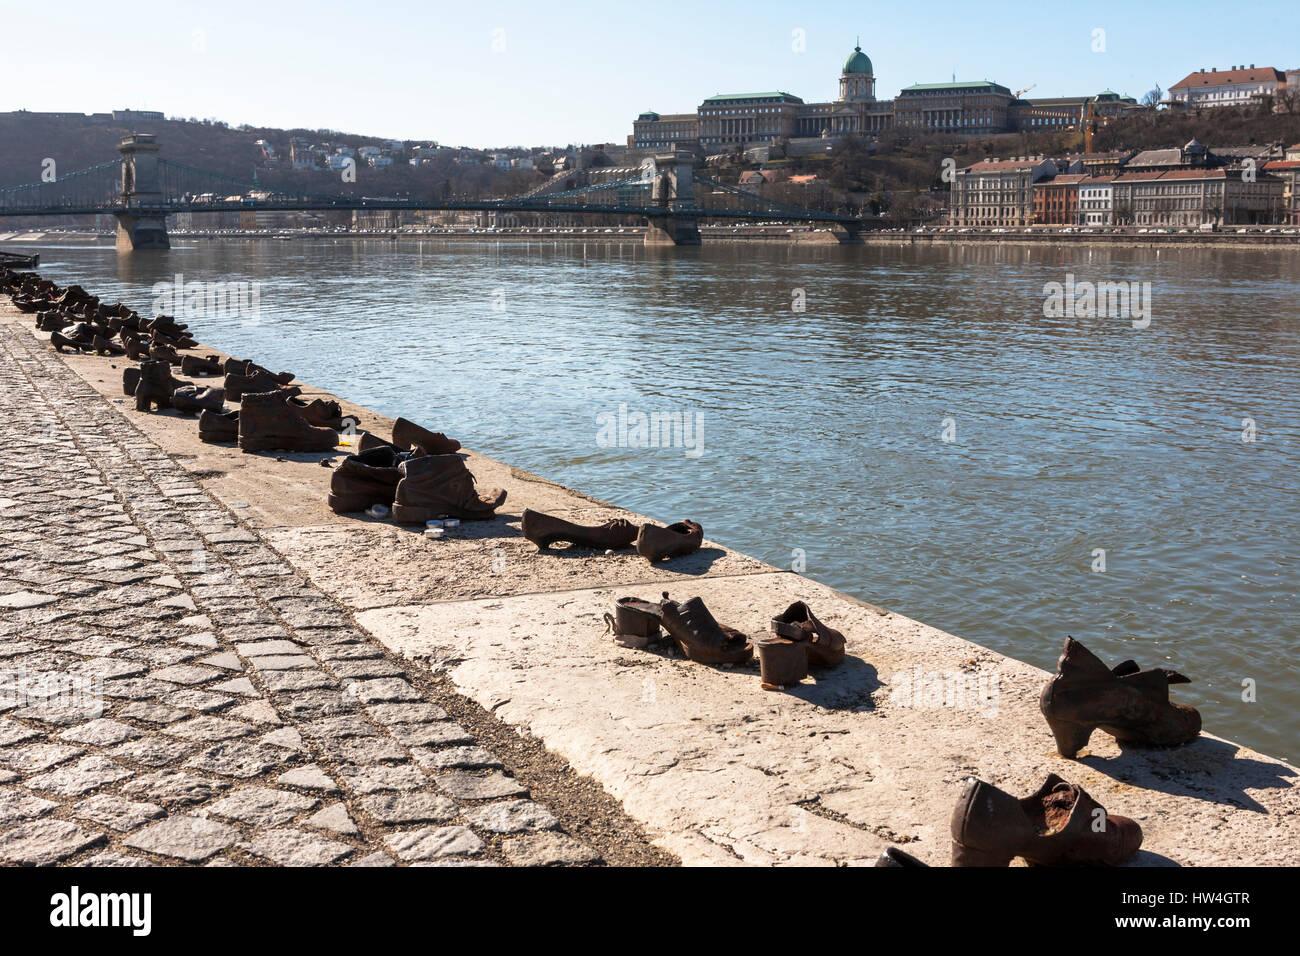 Judischen Holocaust Mahnmal Schuhe Am Donauufer Realisierte Ein